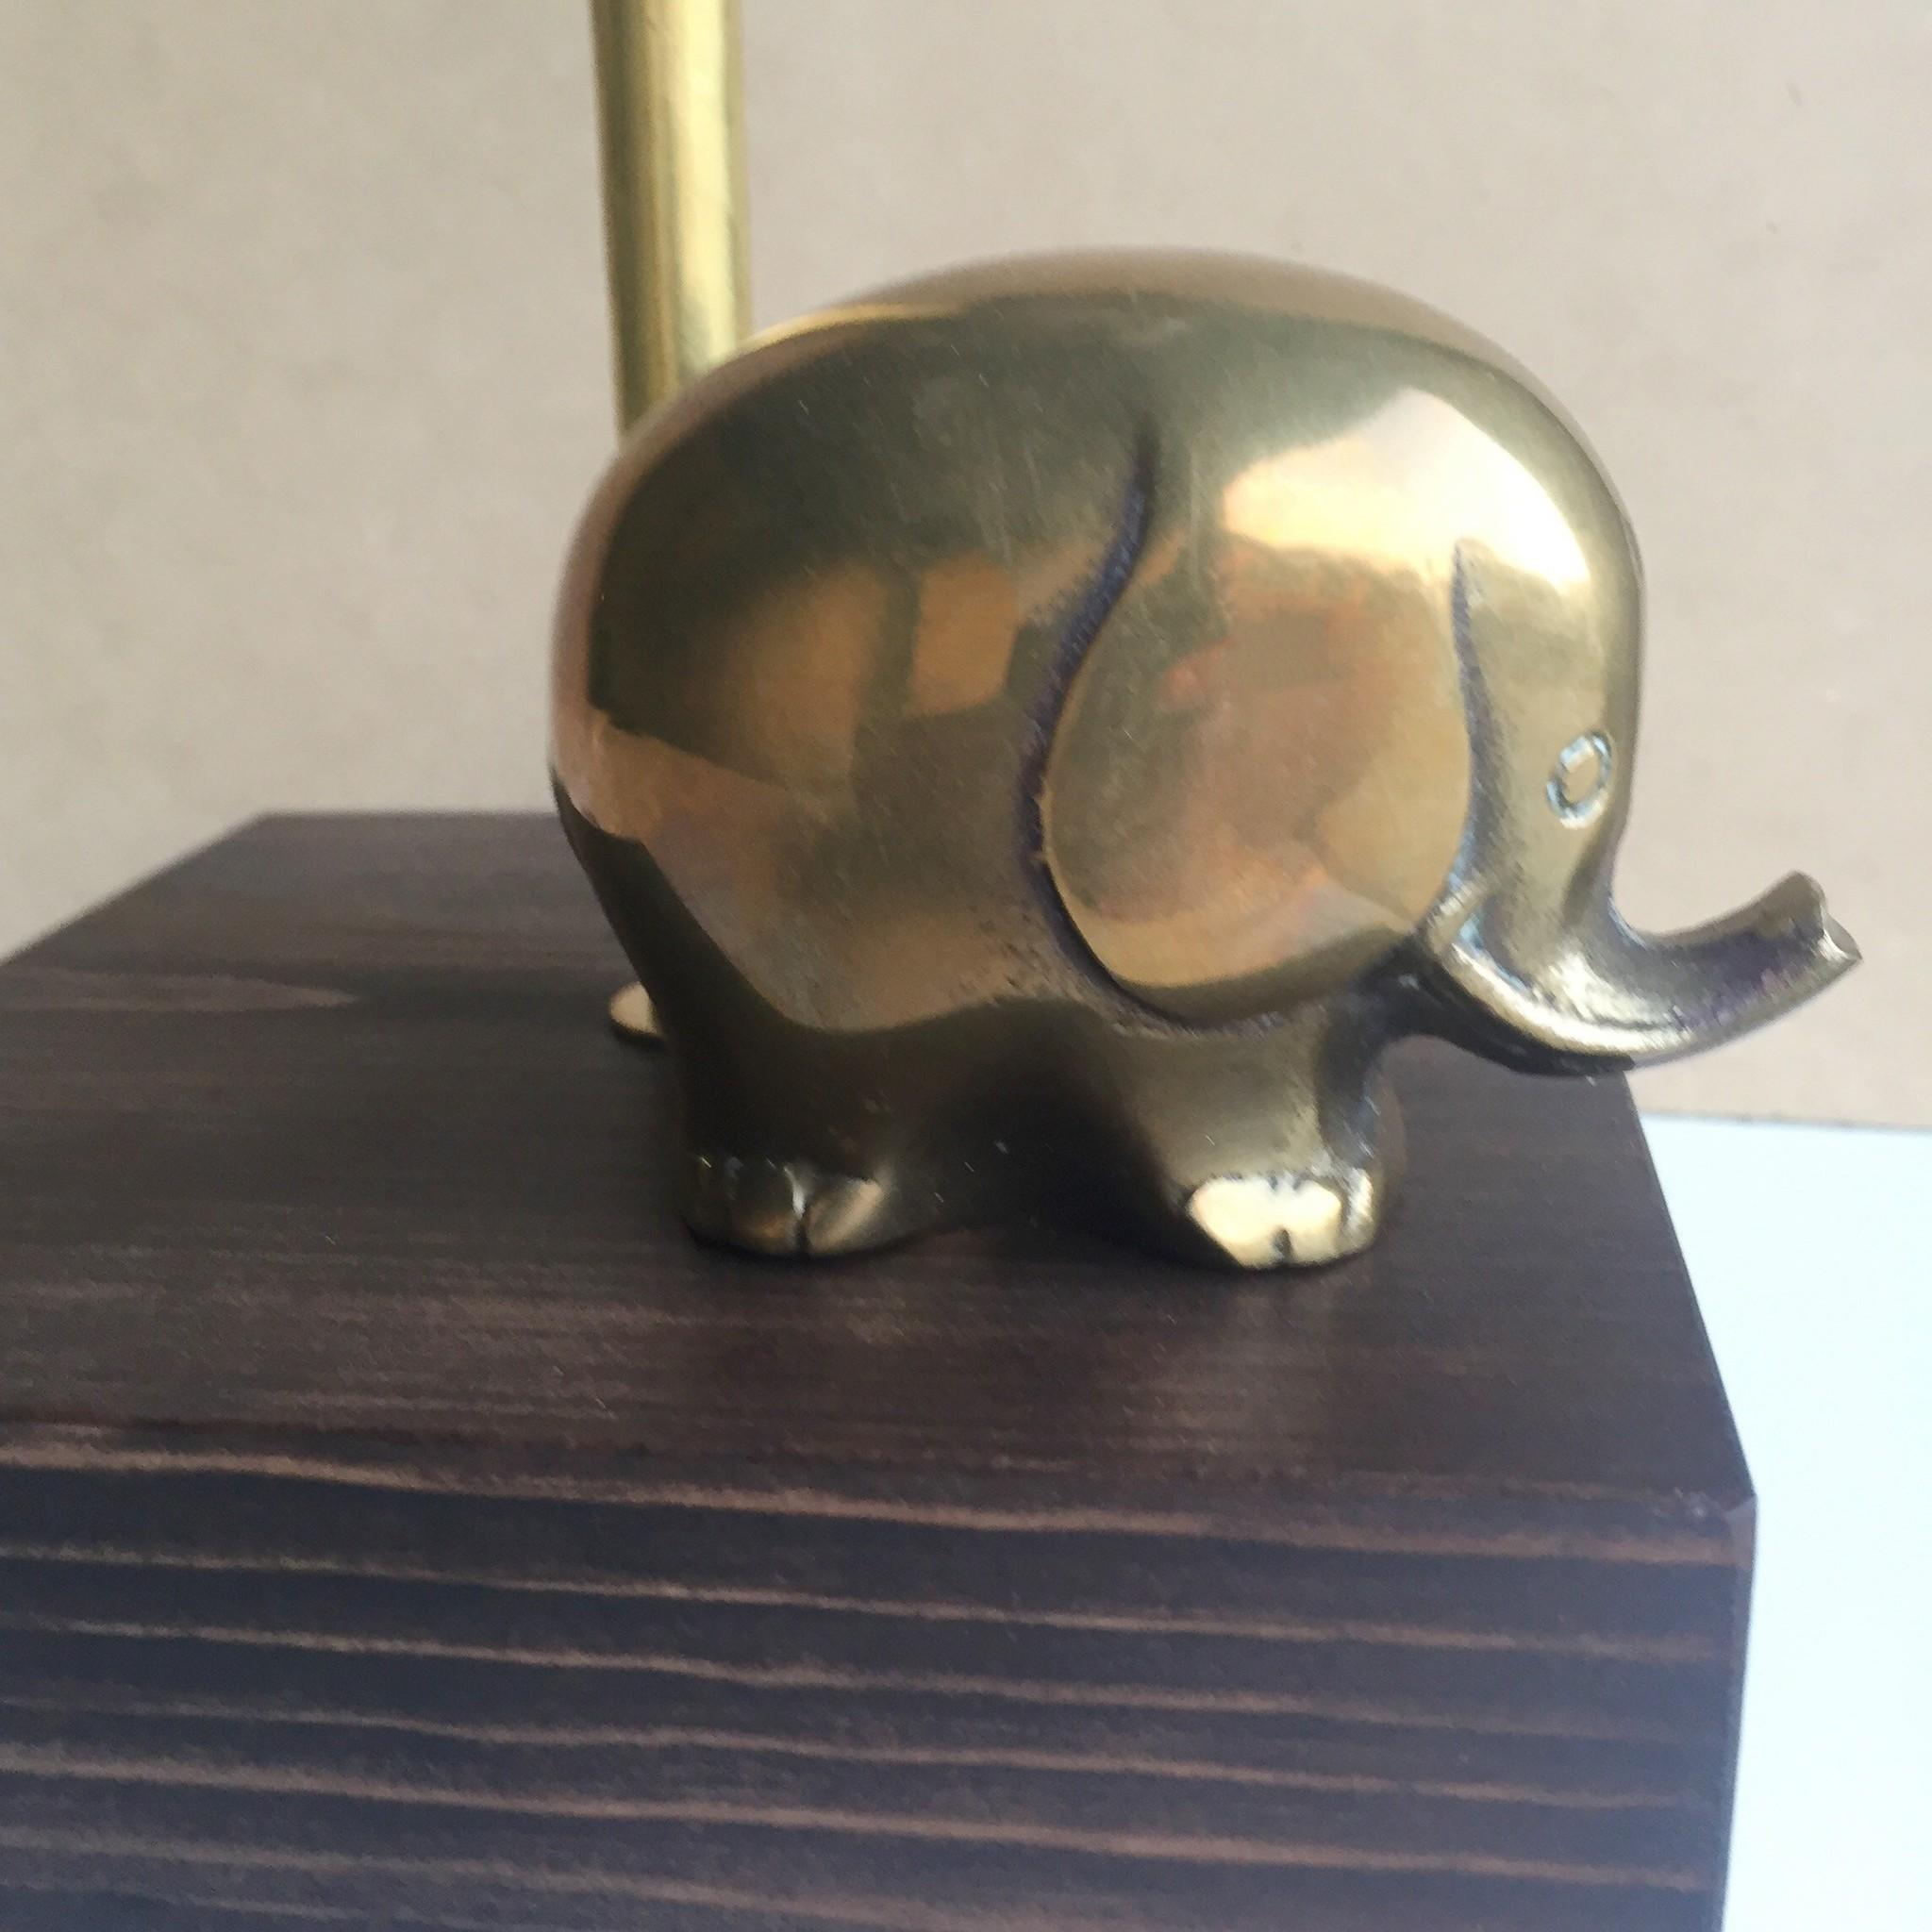 Luke Hobbs Mr. Elephant